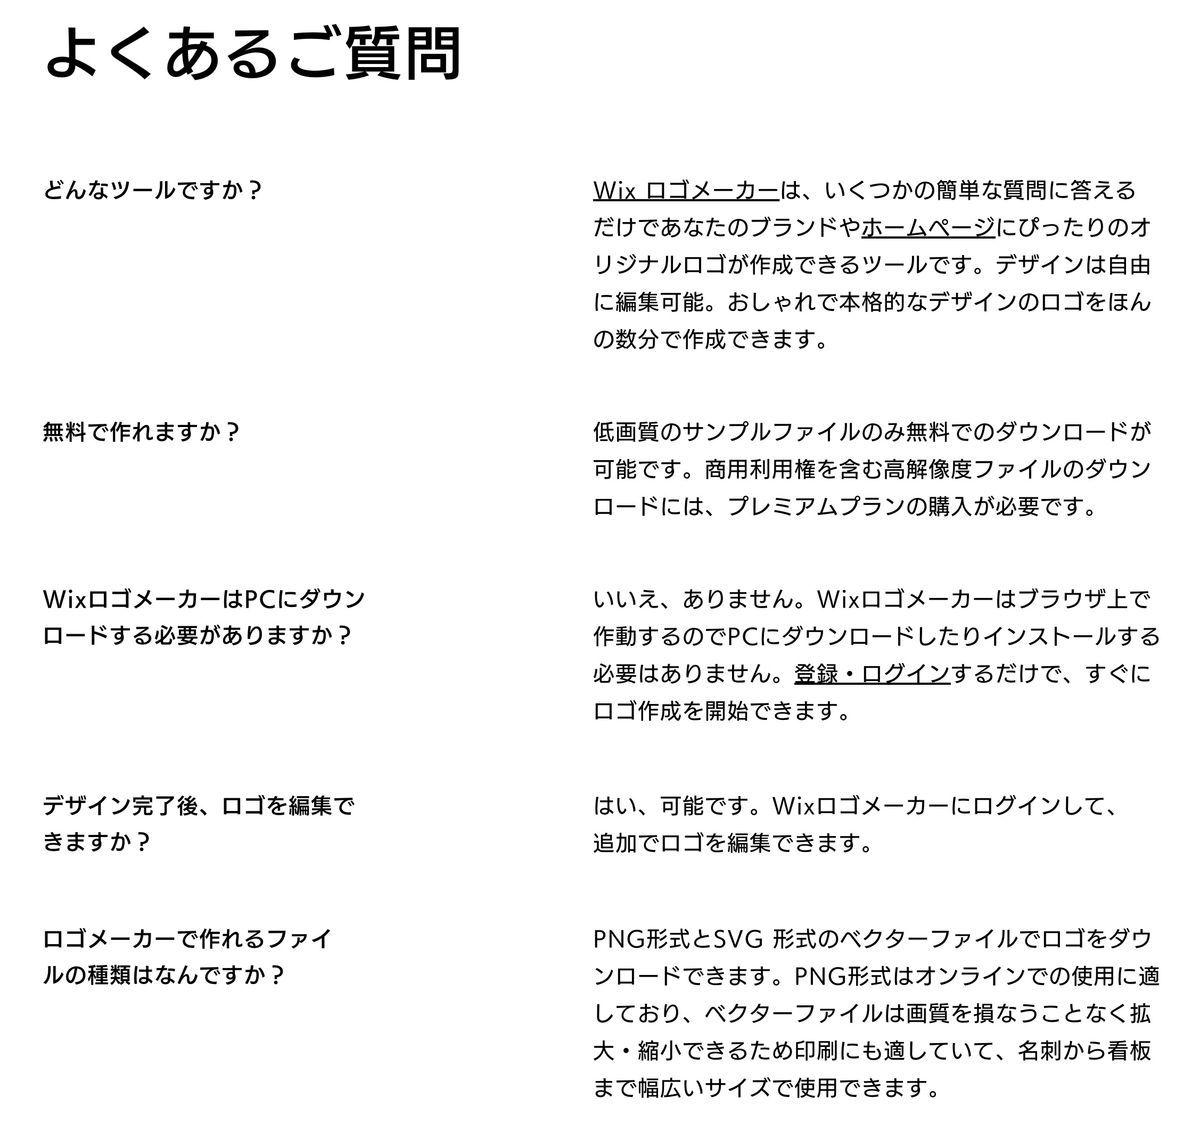 f:id:kan_kikuchi:20210526072716j:plain